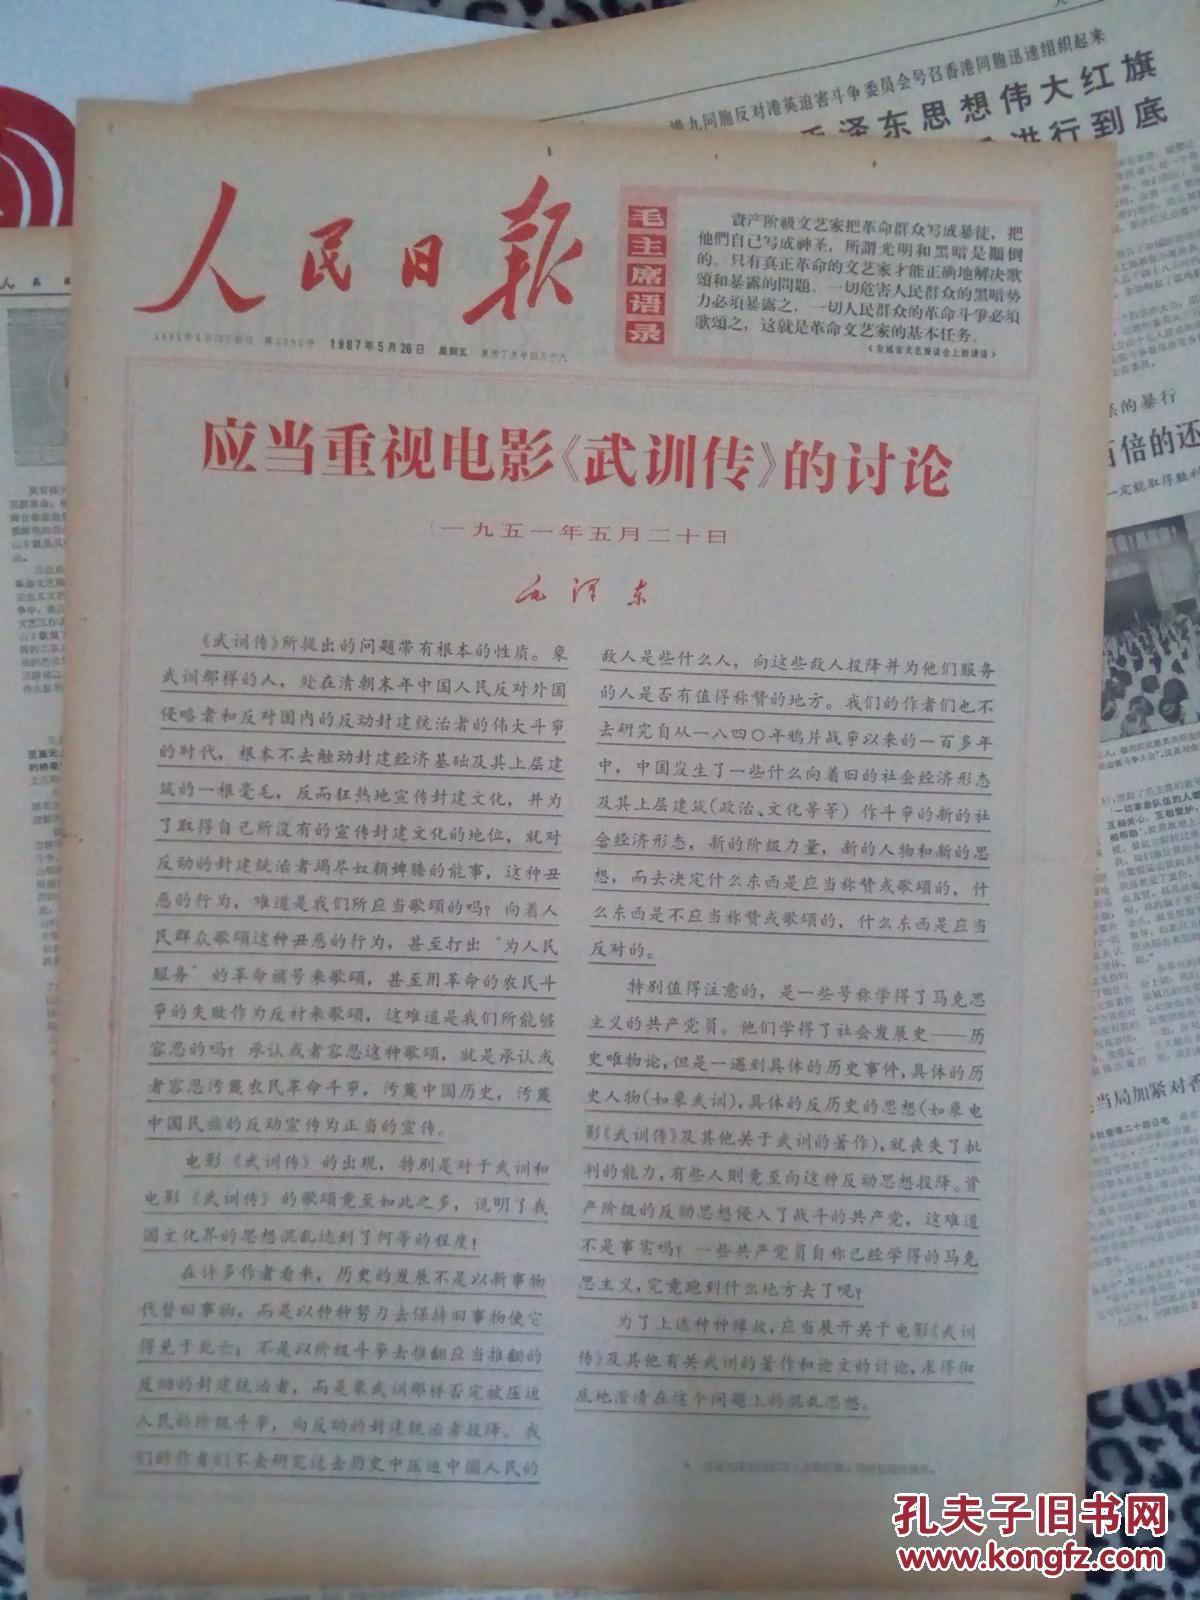 人民日报1967年5月26日【8版完整,应当重视电影《武训传》的讨论】